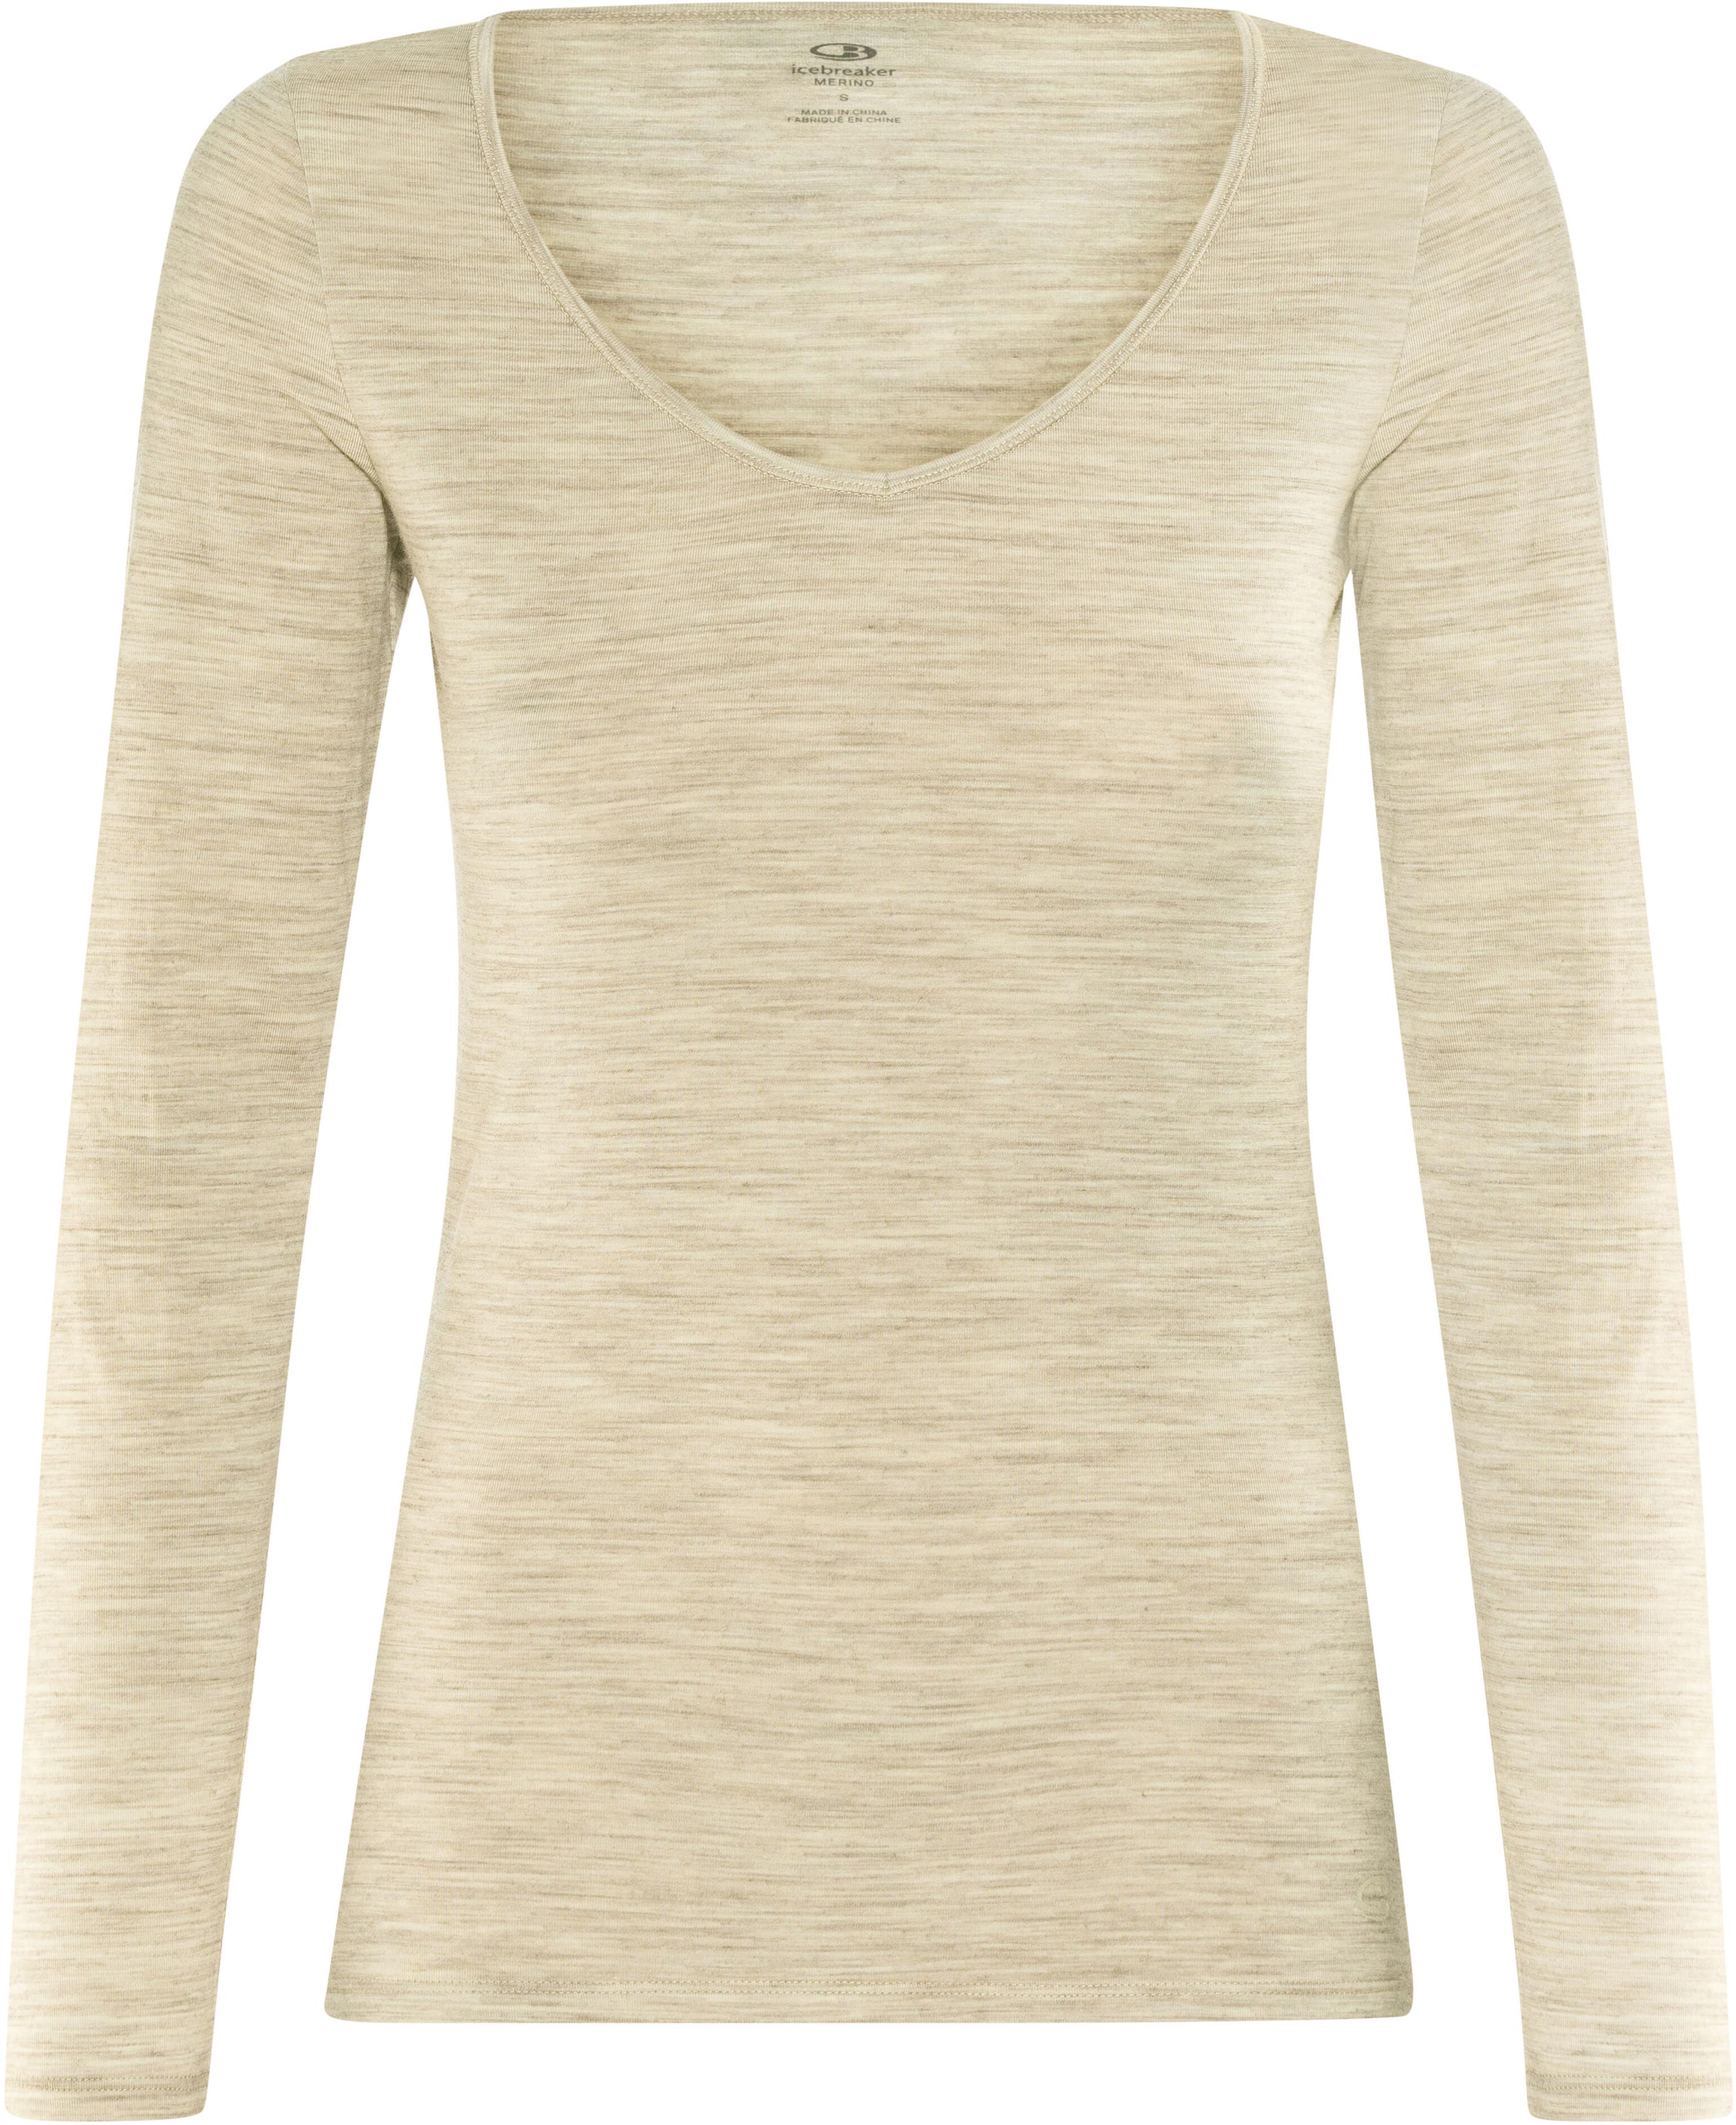 Icebreaker Siren - Sous-vêtement Femme - beige sur CAMPZ ! a9d33fc4bd6